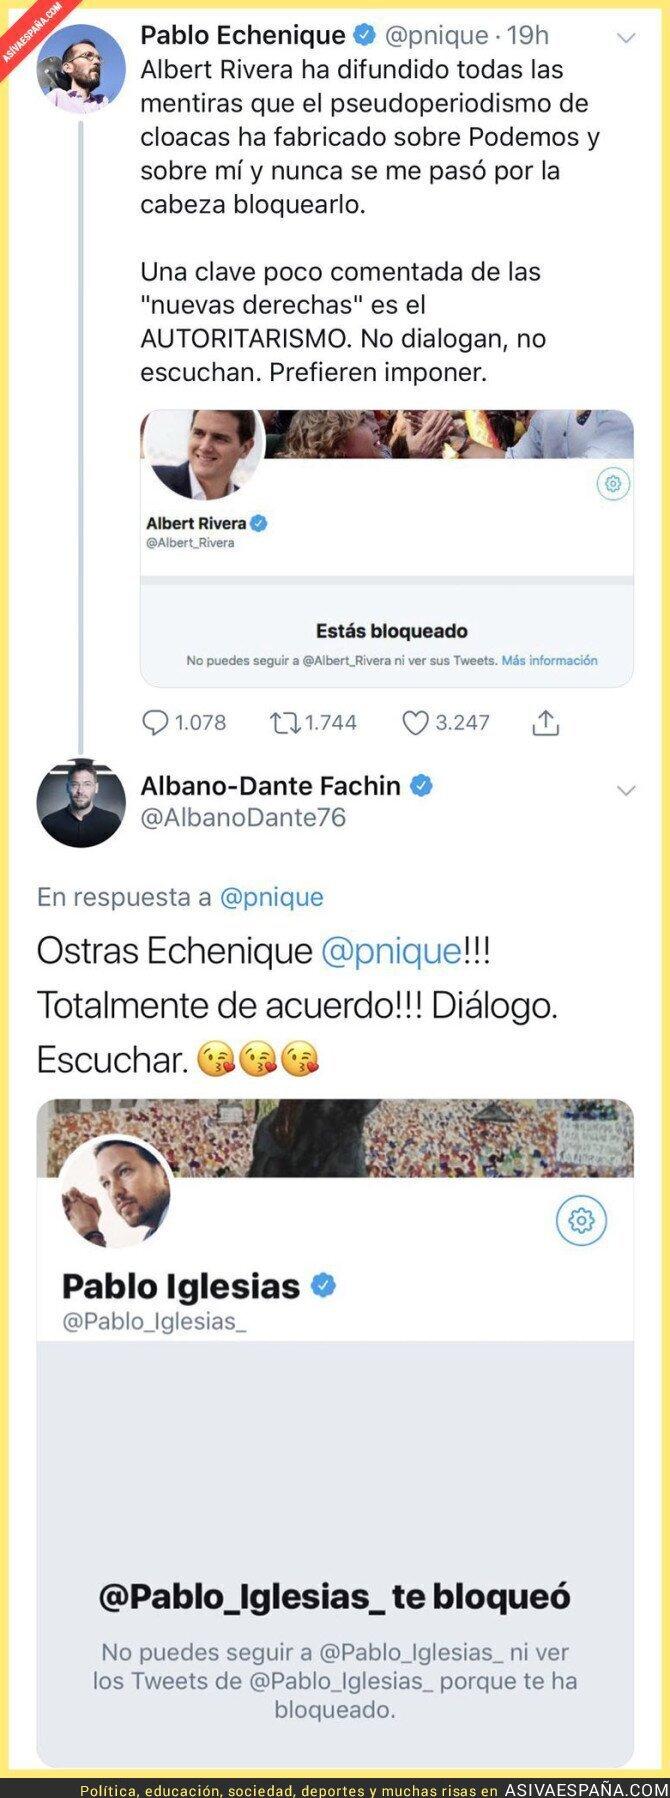 95789 - Pablo Echenique llora en Twitter porque Albert Rivera le ha bloqueado y le recuerdan que Pablo Iglesias también hace esas prácticas